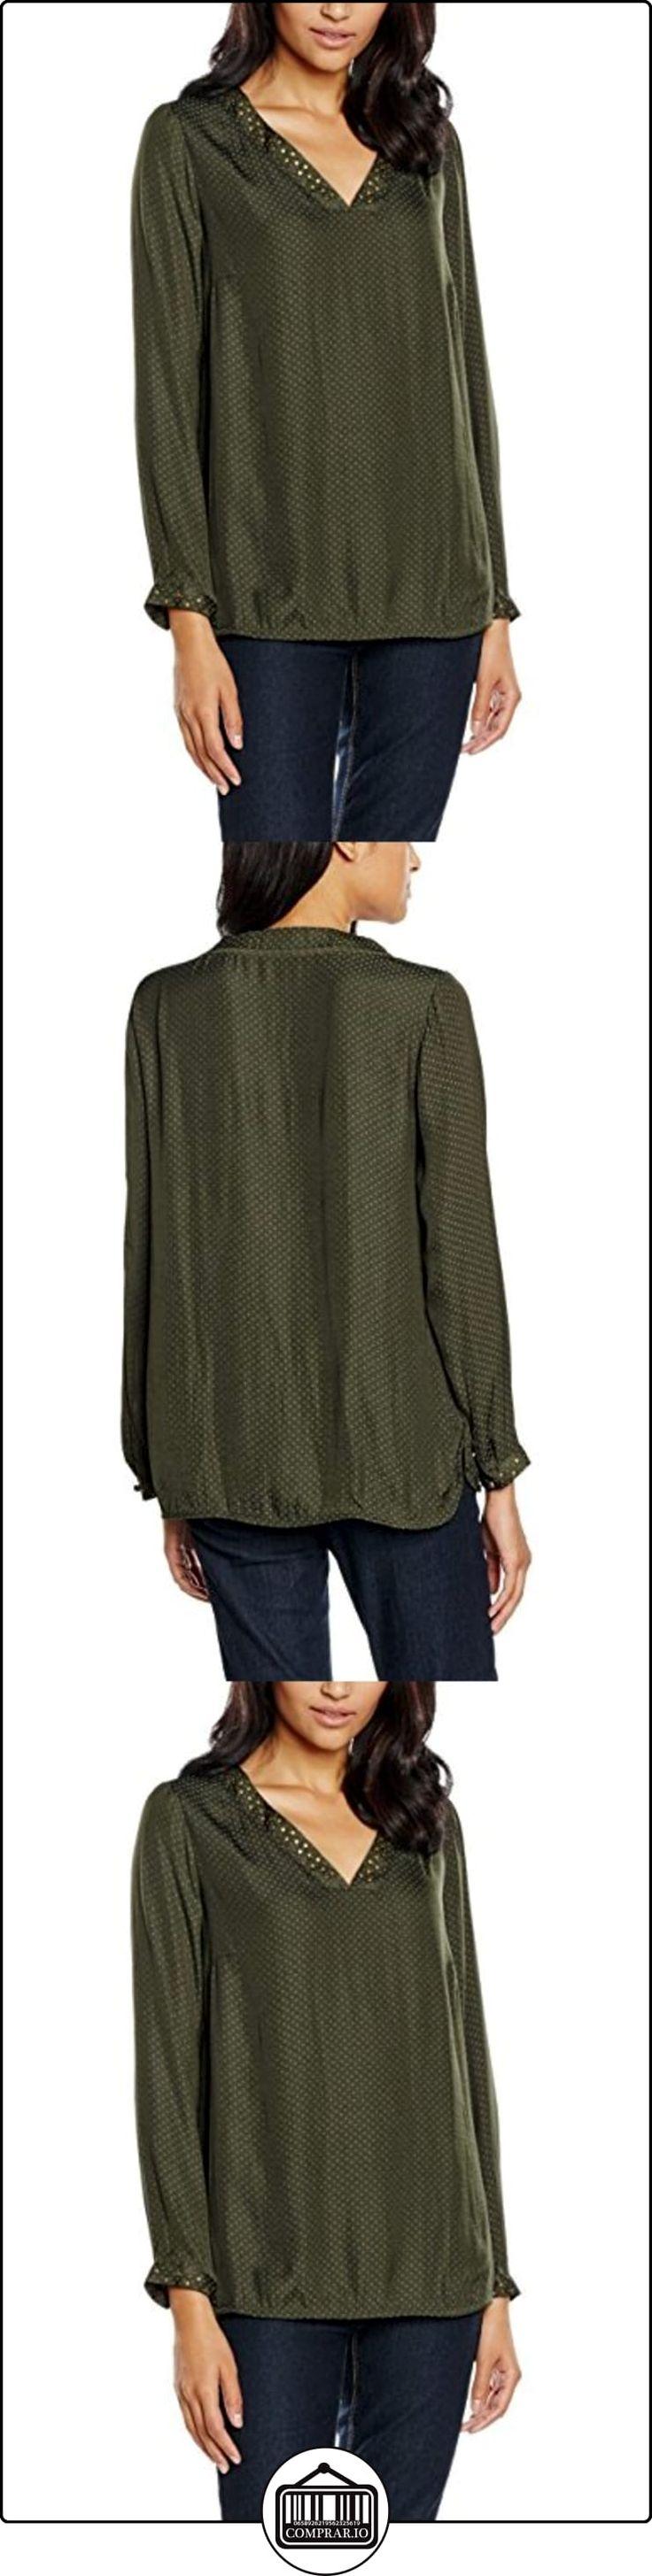 Cortefiel 3.T.M.Bls M/L Corbater Cuello Pico, Blusa para Mujer, Greens, XL  ✿ Blusas y camisas ✿